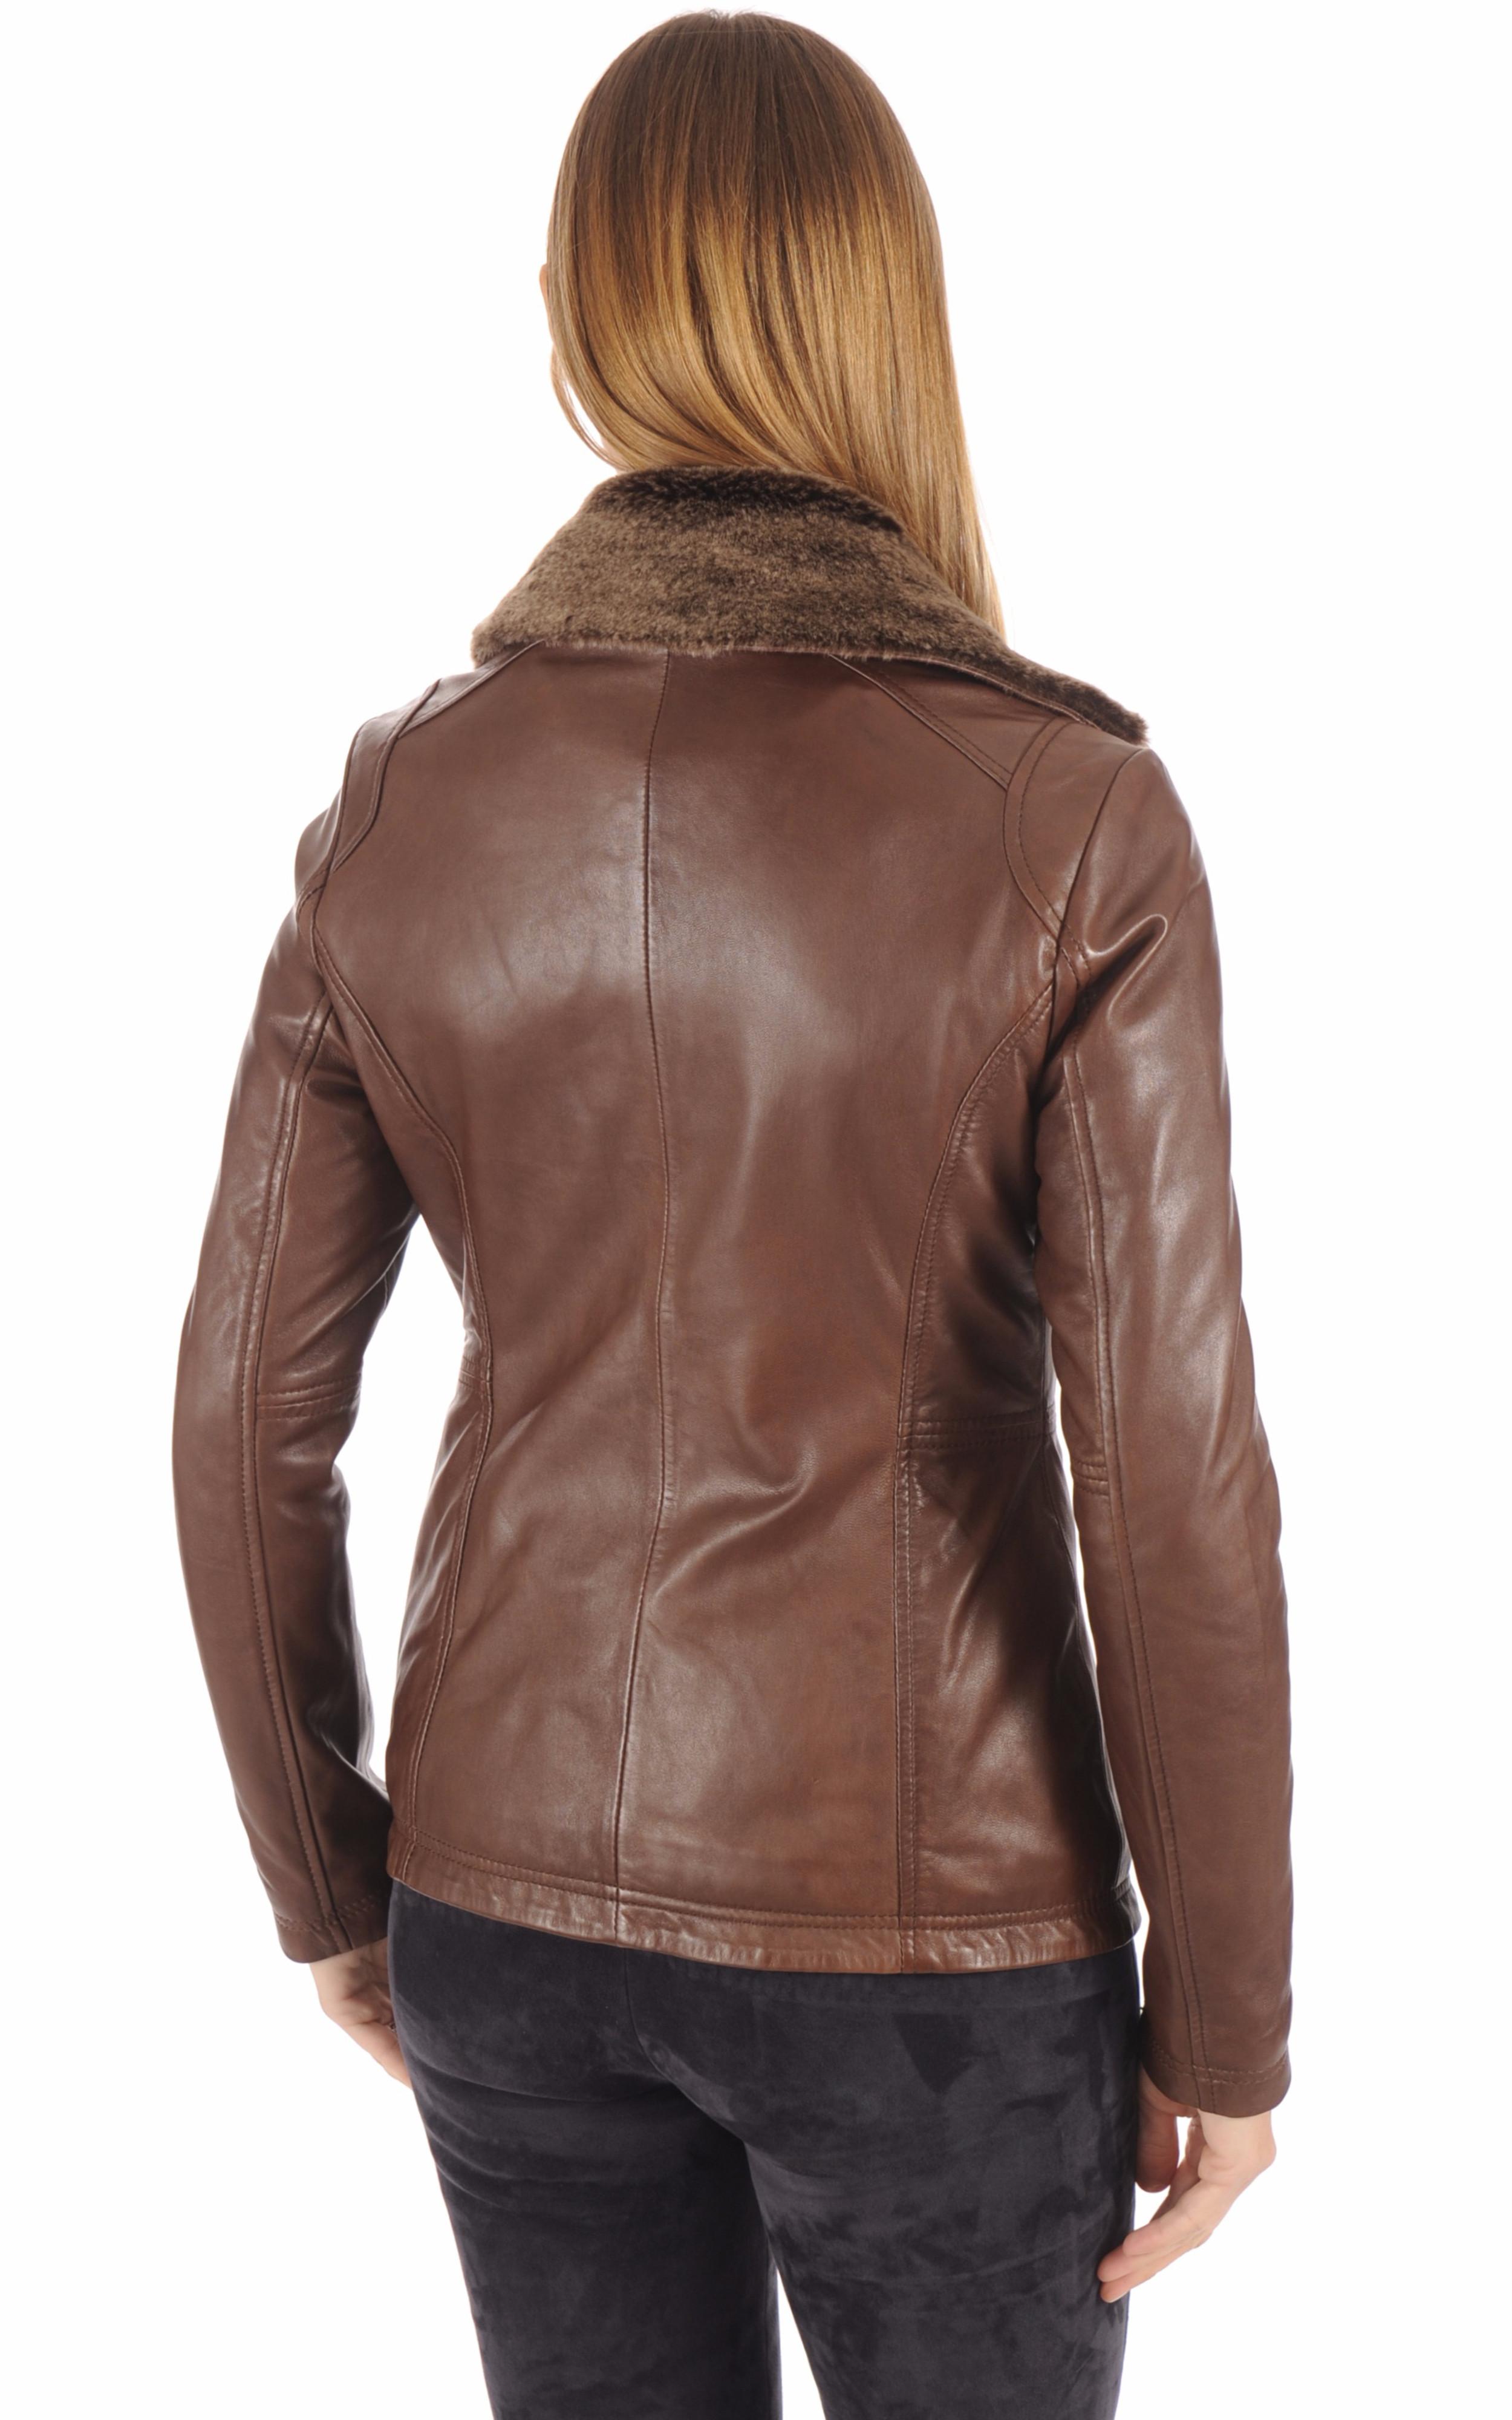 Veste cuir marron clair Rose Garden